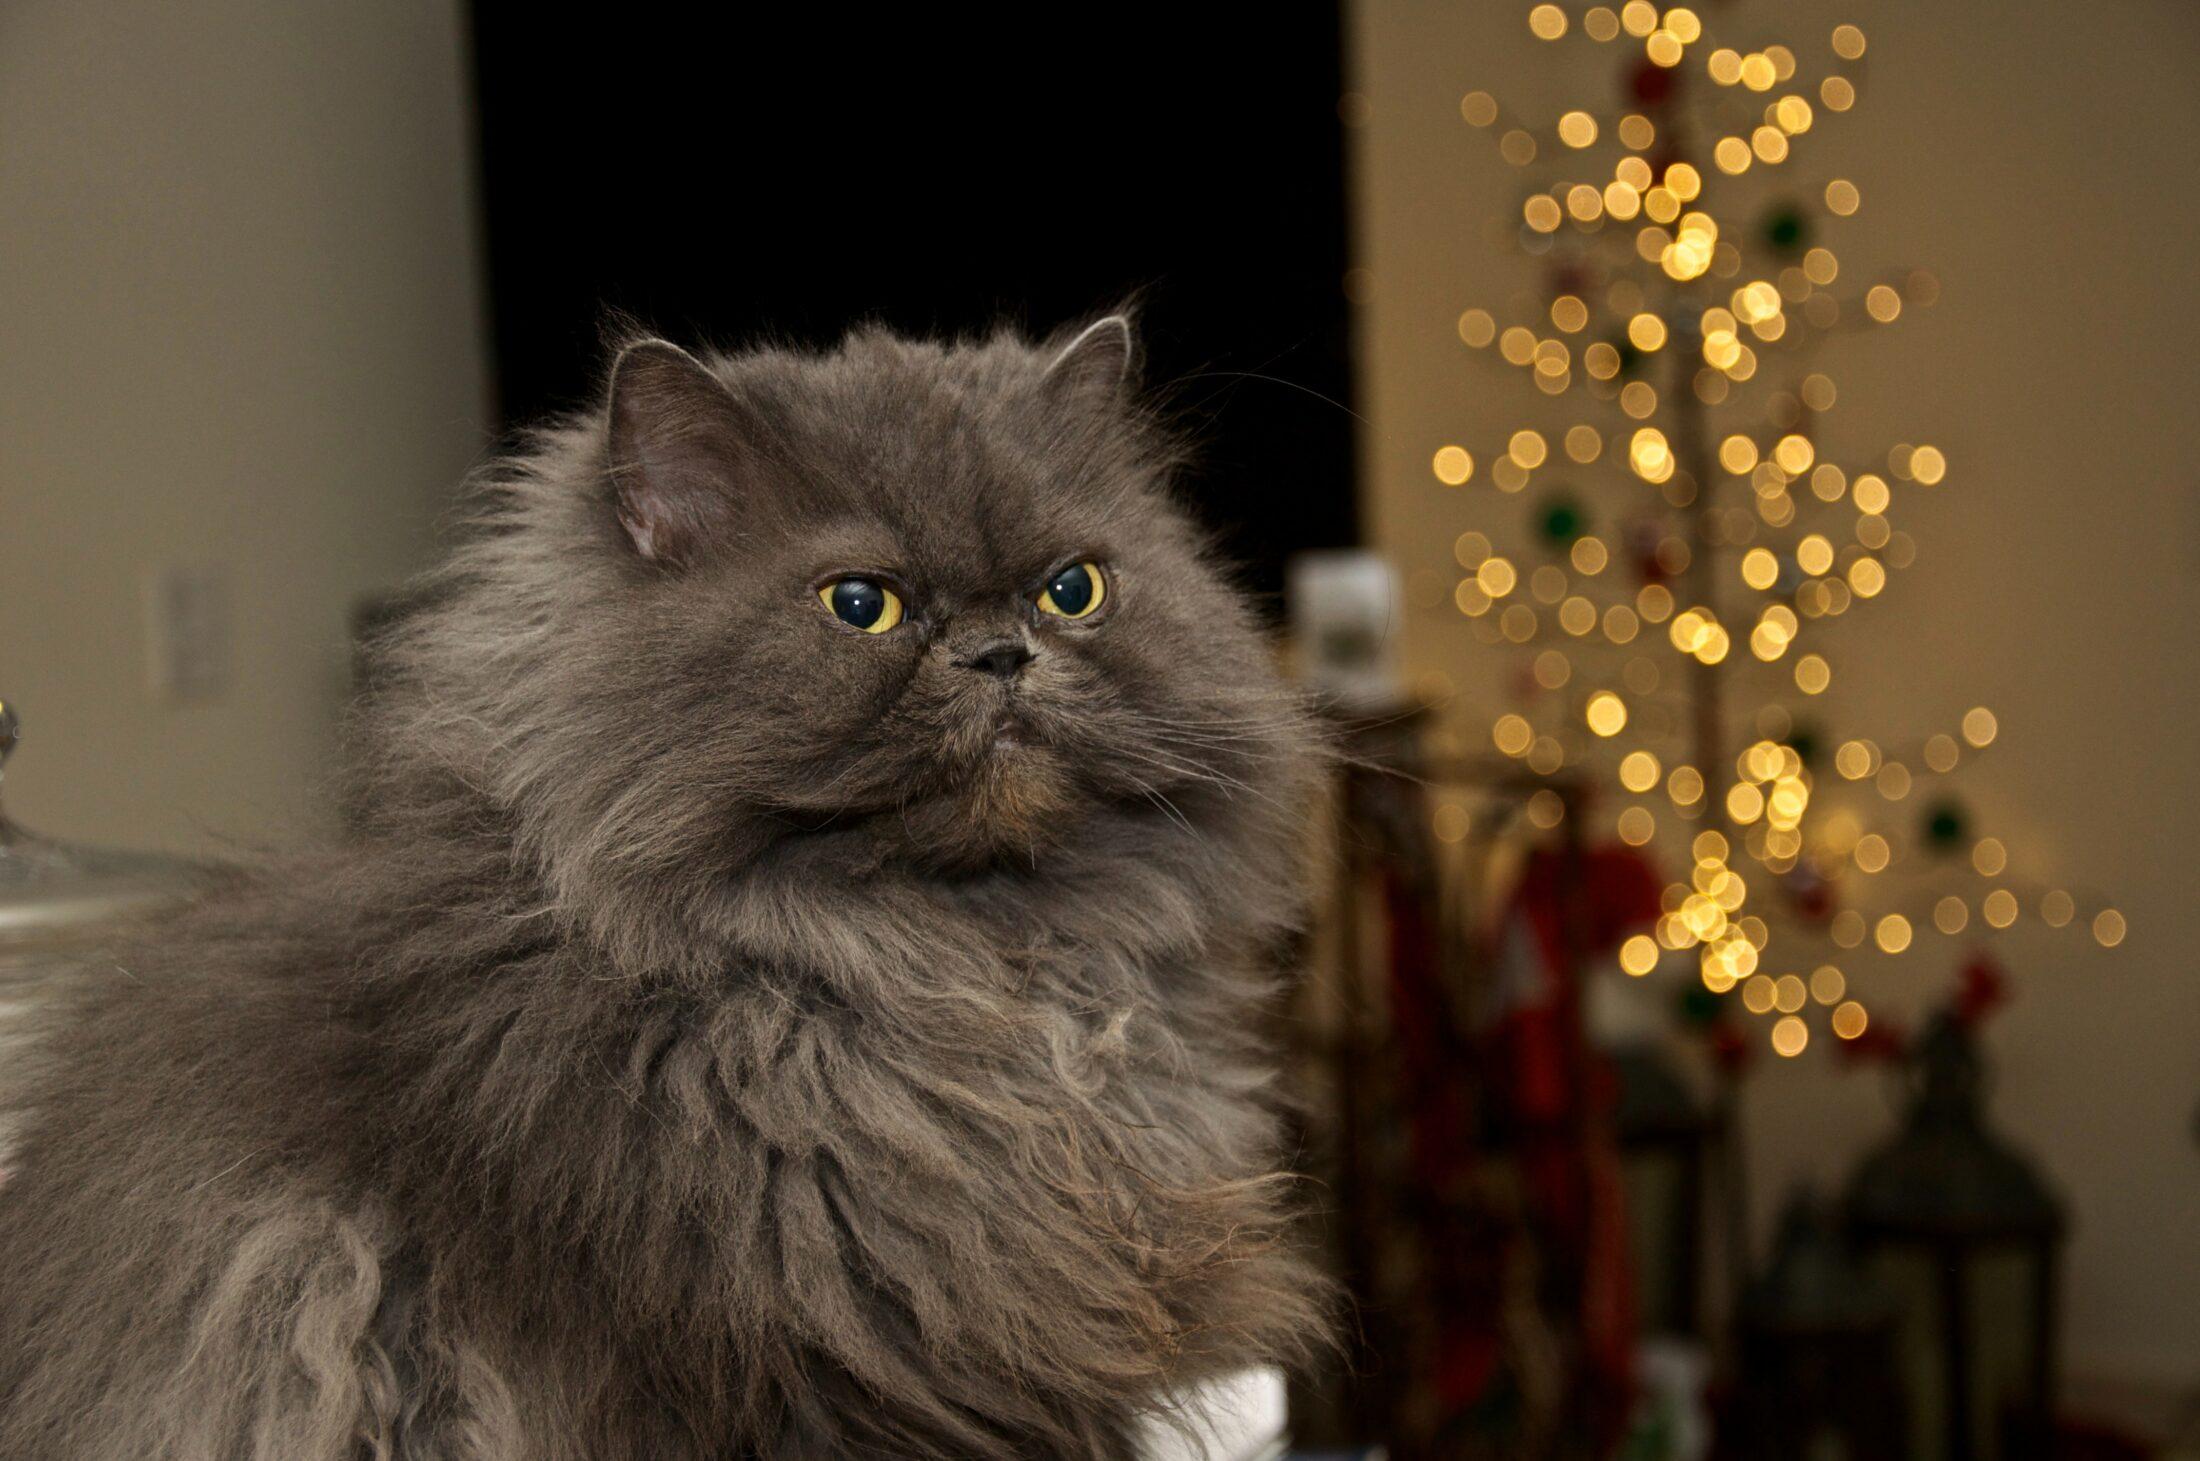 Humano e gato são emocionalmente ligados, mas de forma saudável para ambos.